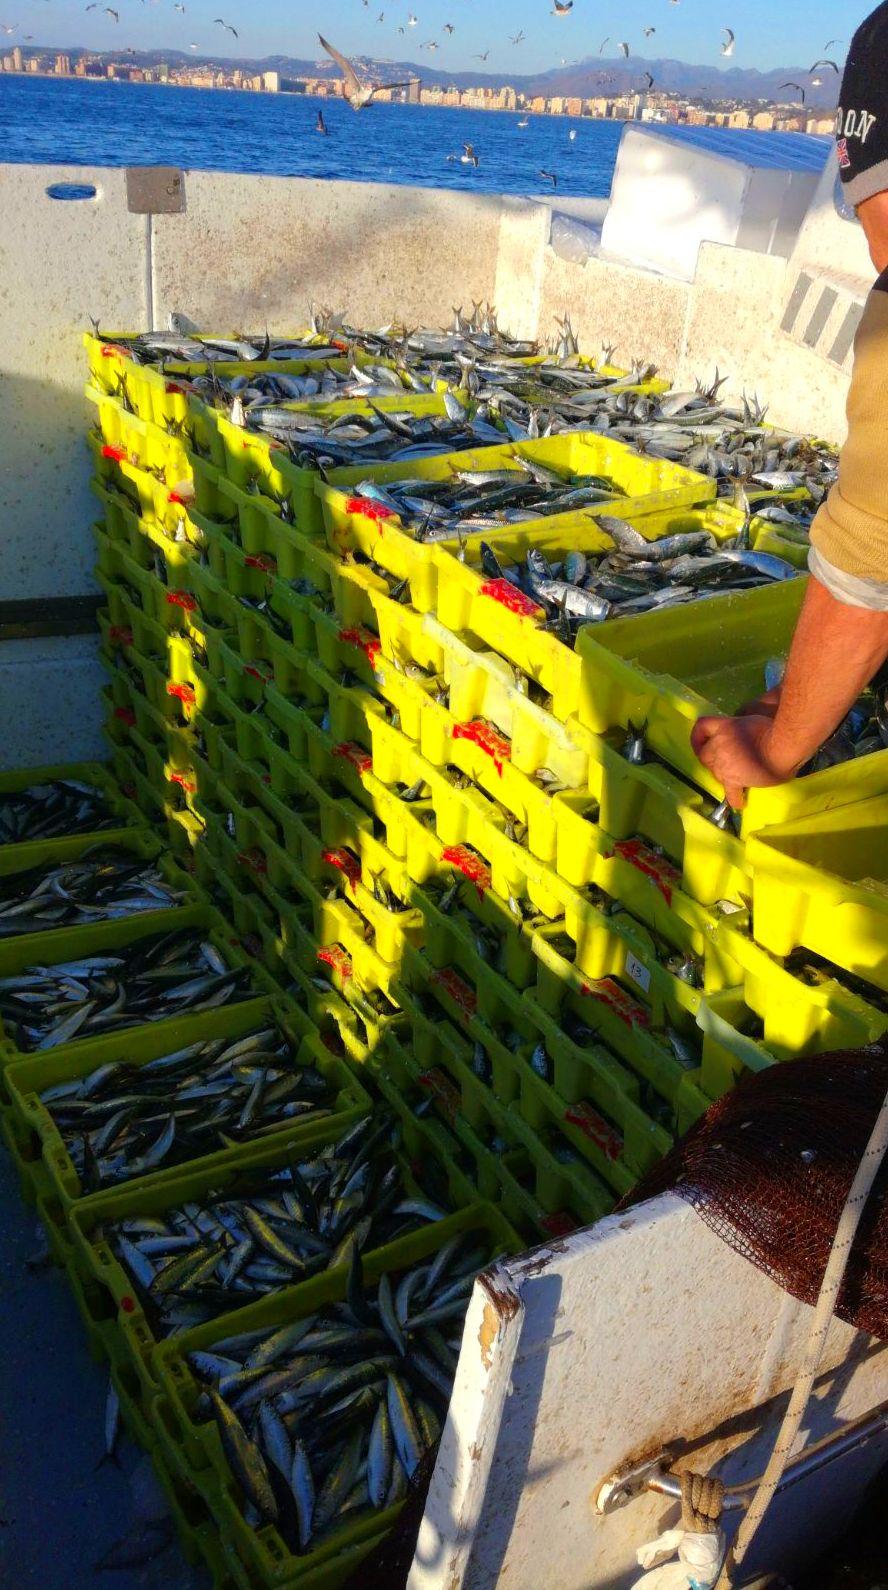 Sardina: SERVICIOS de Pescastur